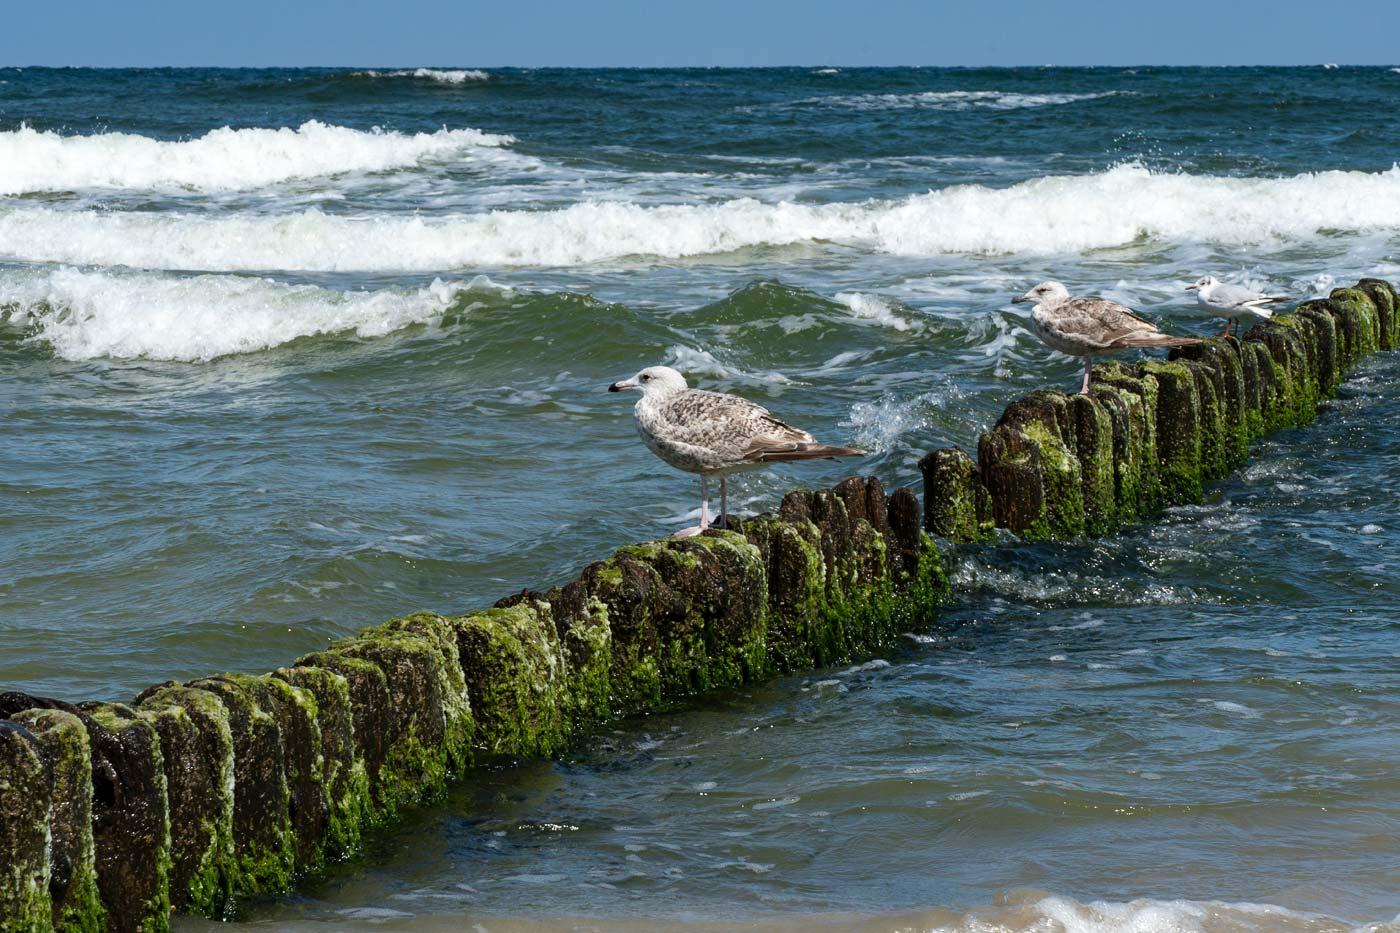 Чайки, Балтийском море, Мржежино, Польша